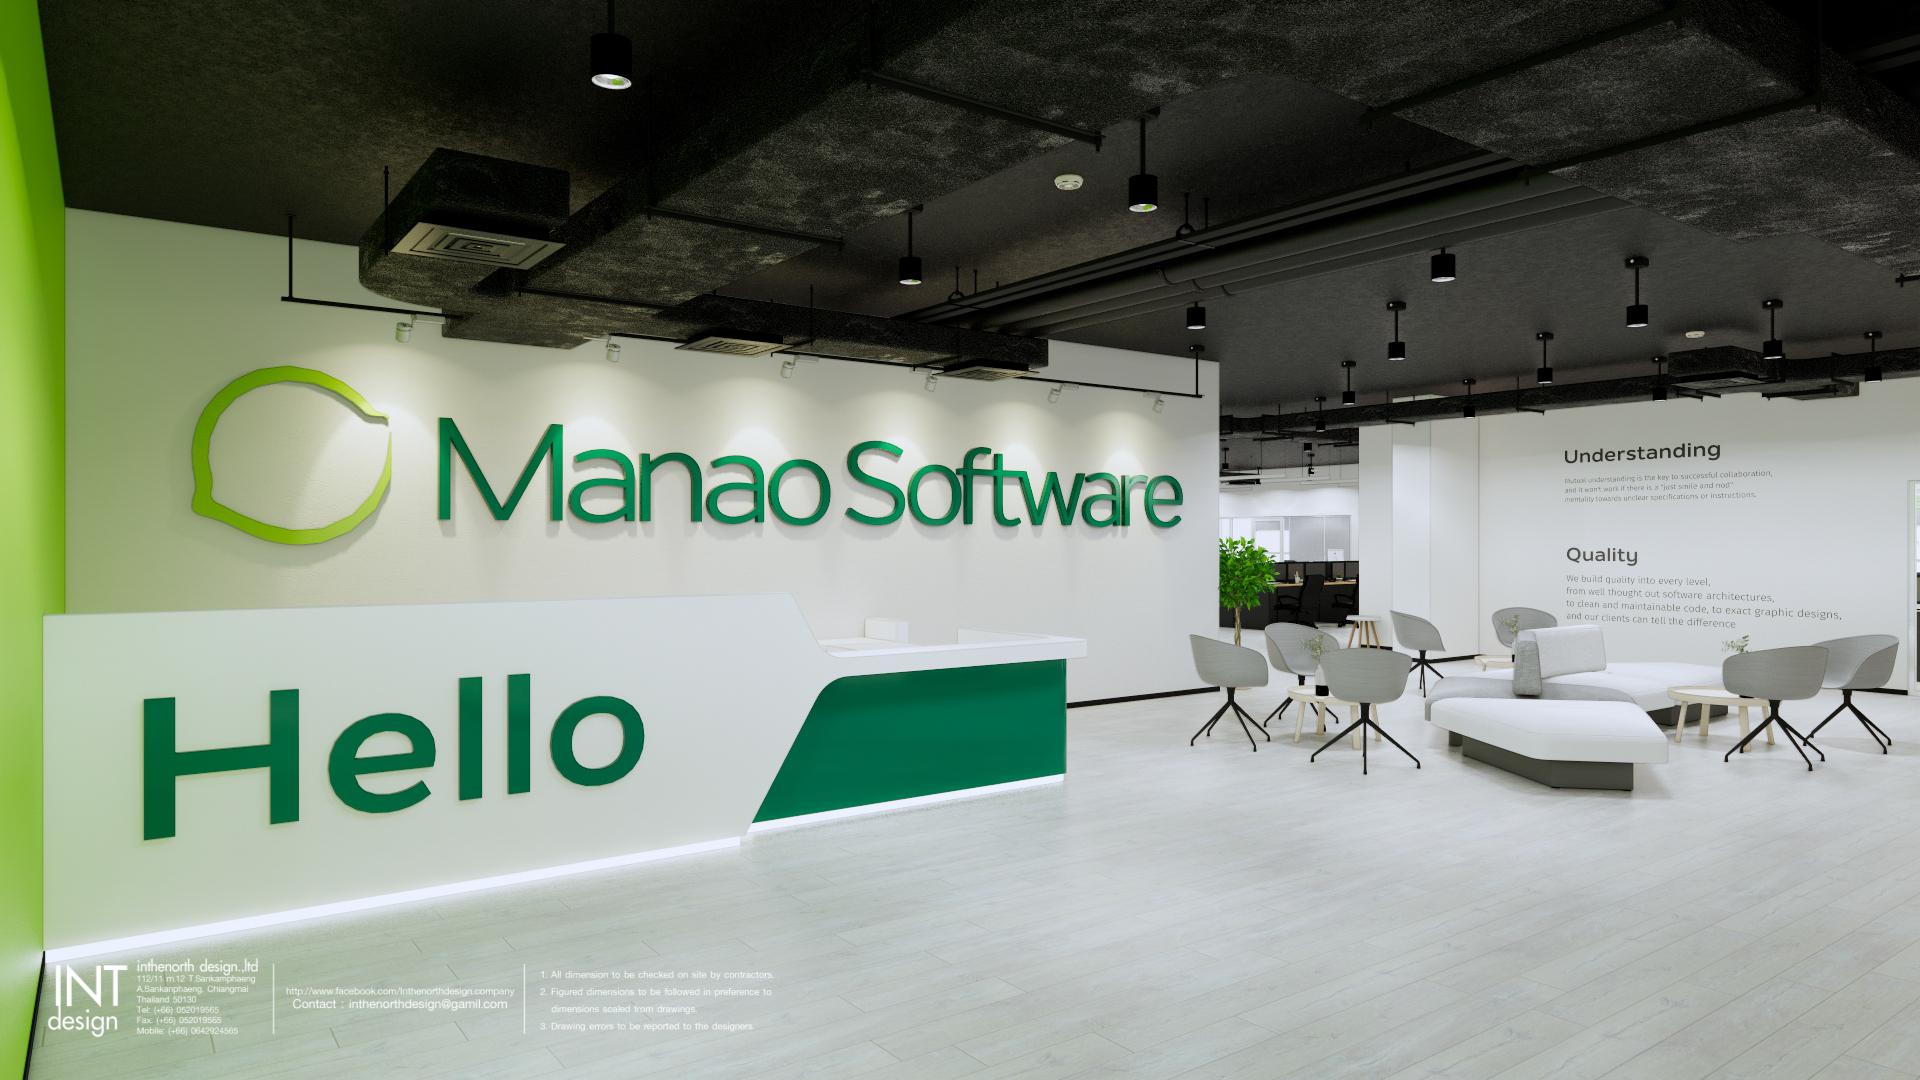 manao-1-2